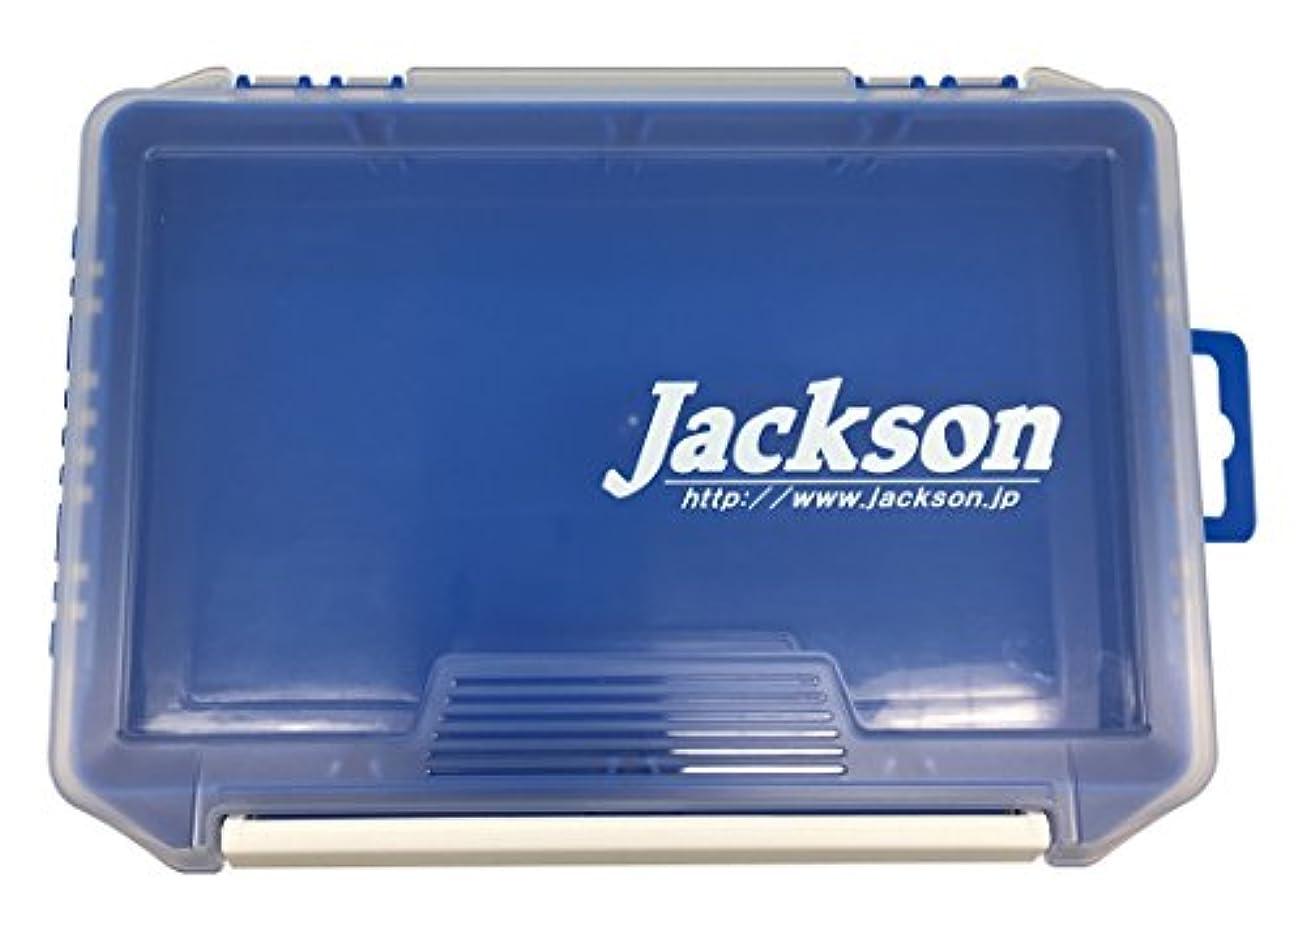 苦痛学期木曜日Jackson(ジャクソン) ジャクソン ルアーケース VW-2010NSM BL.